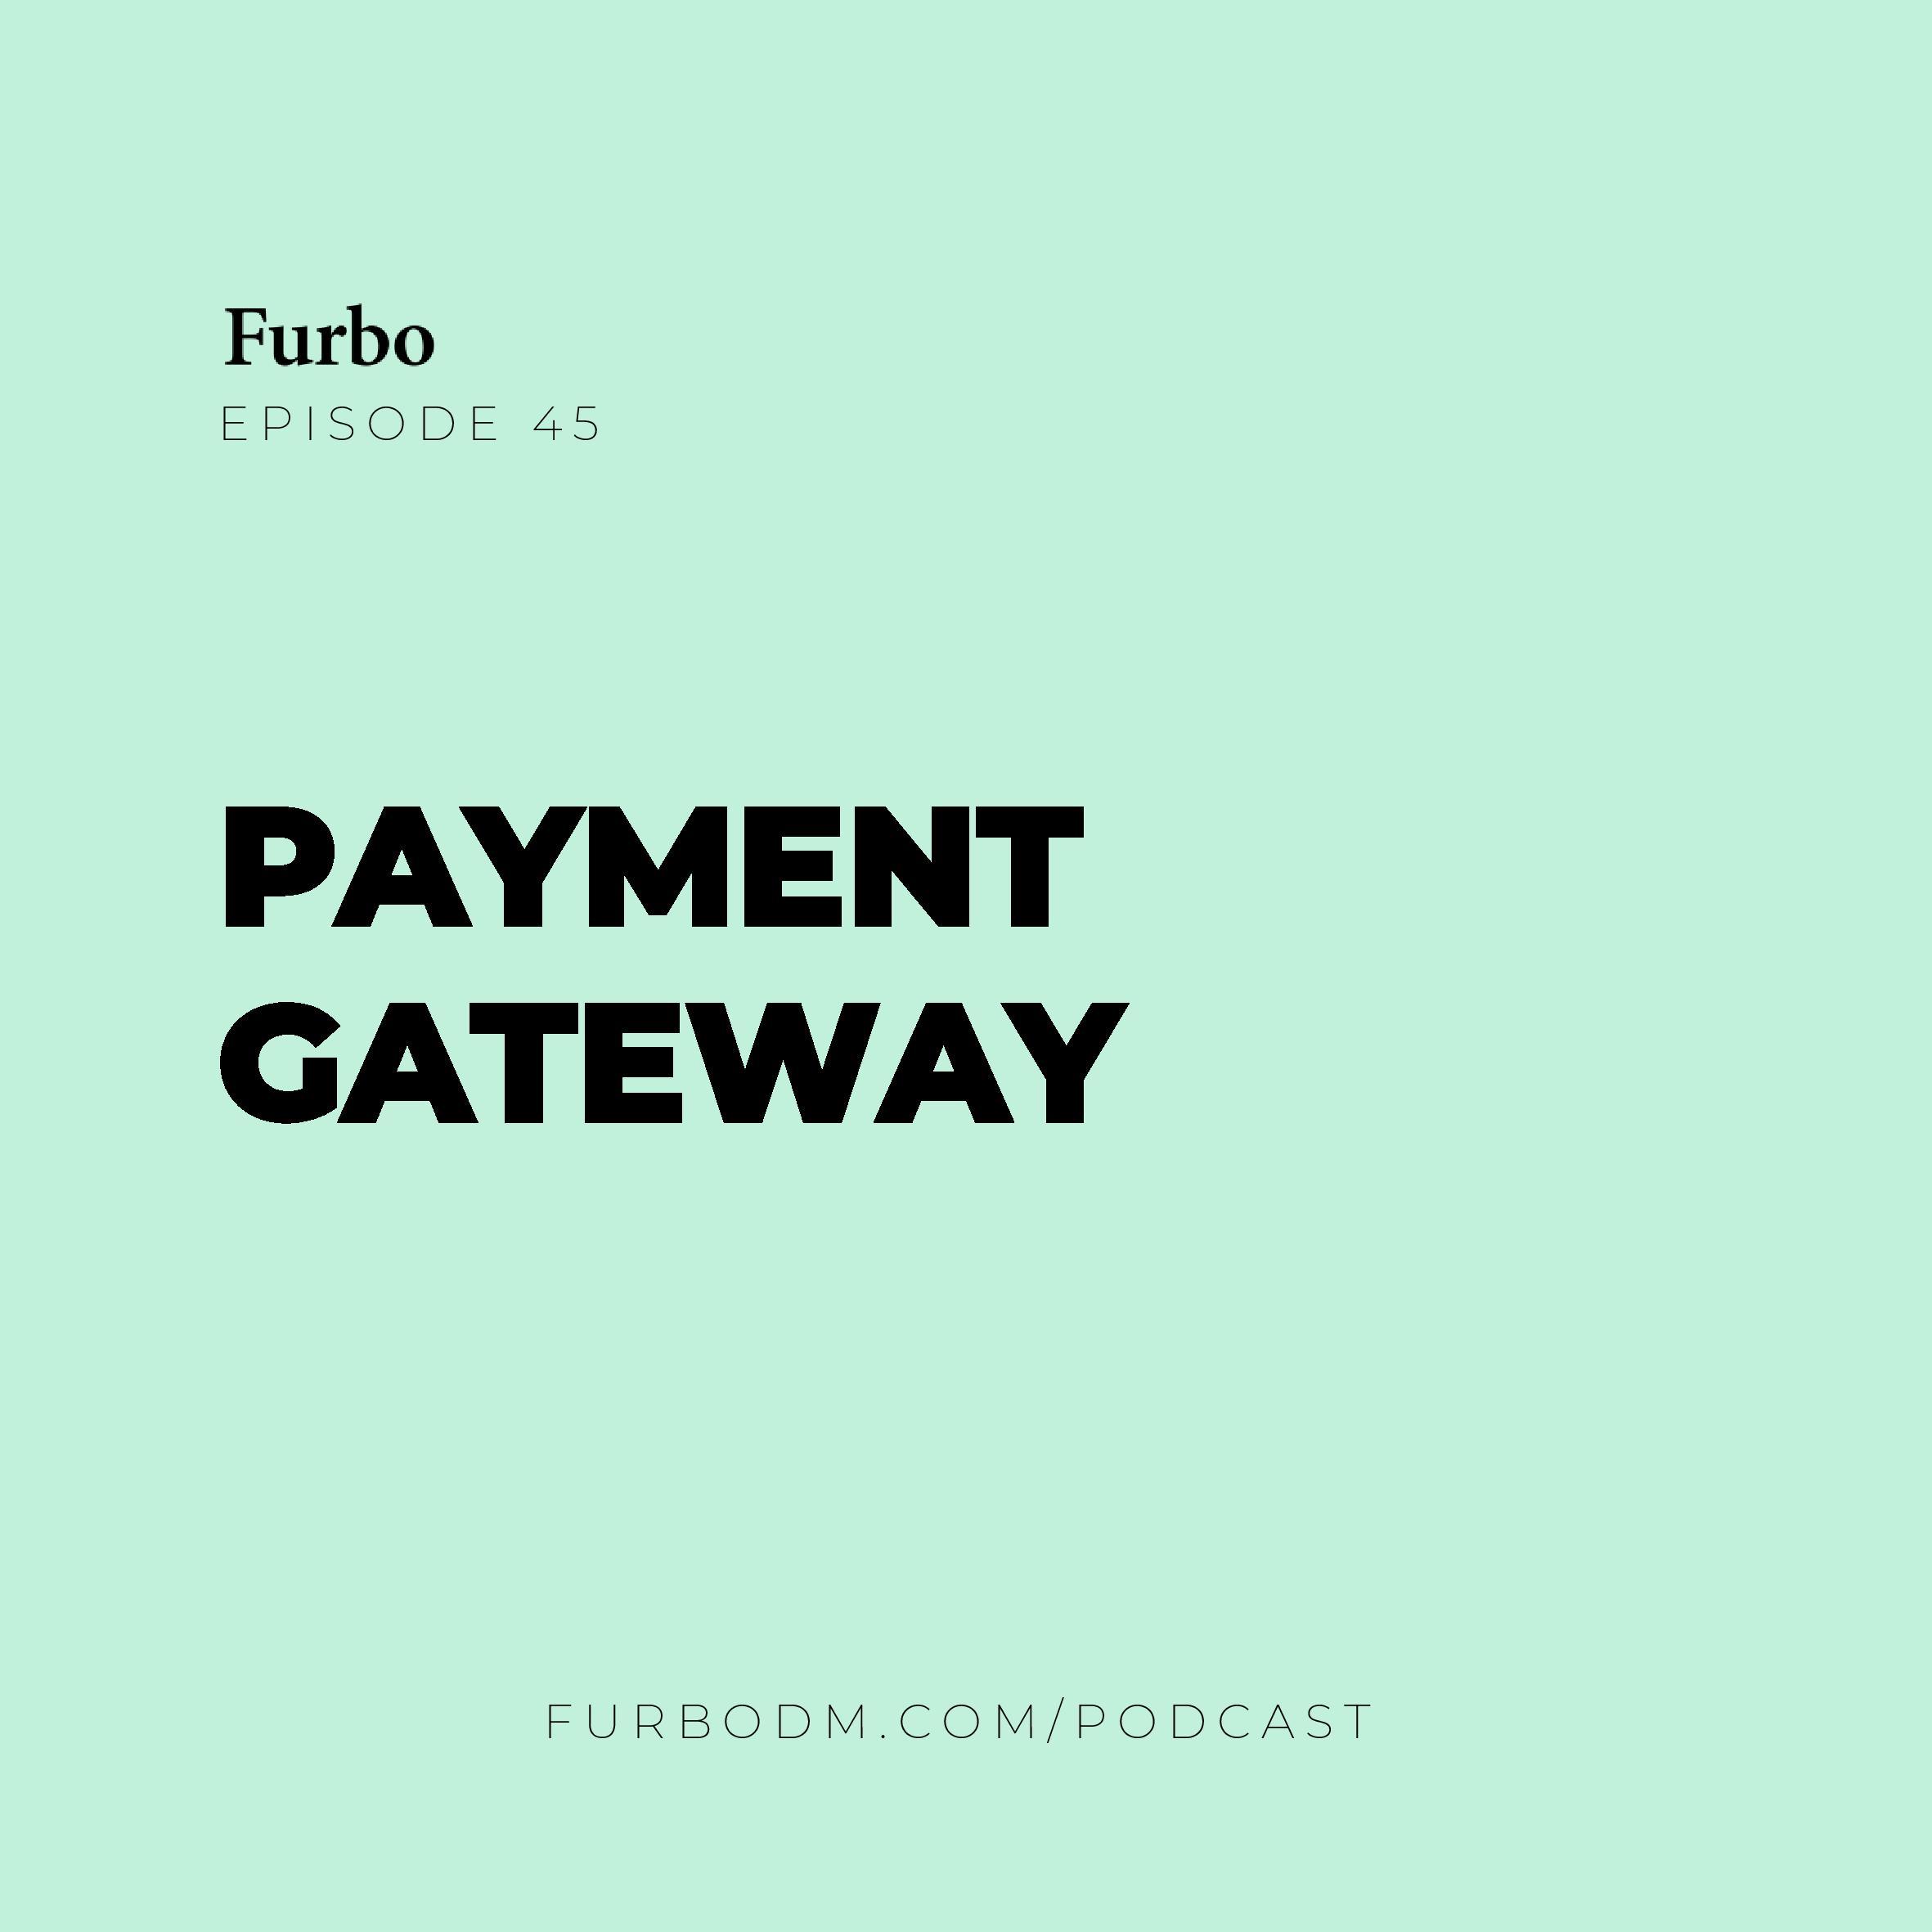 E45: Payment Gateway | راهنمای گرفتن درگاه پرداخت آنلاین (مستقیم و واسط) برای فروشگاه آنلاین